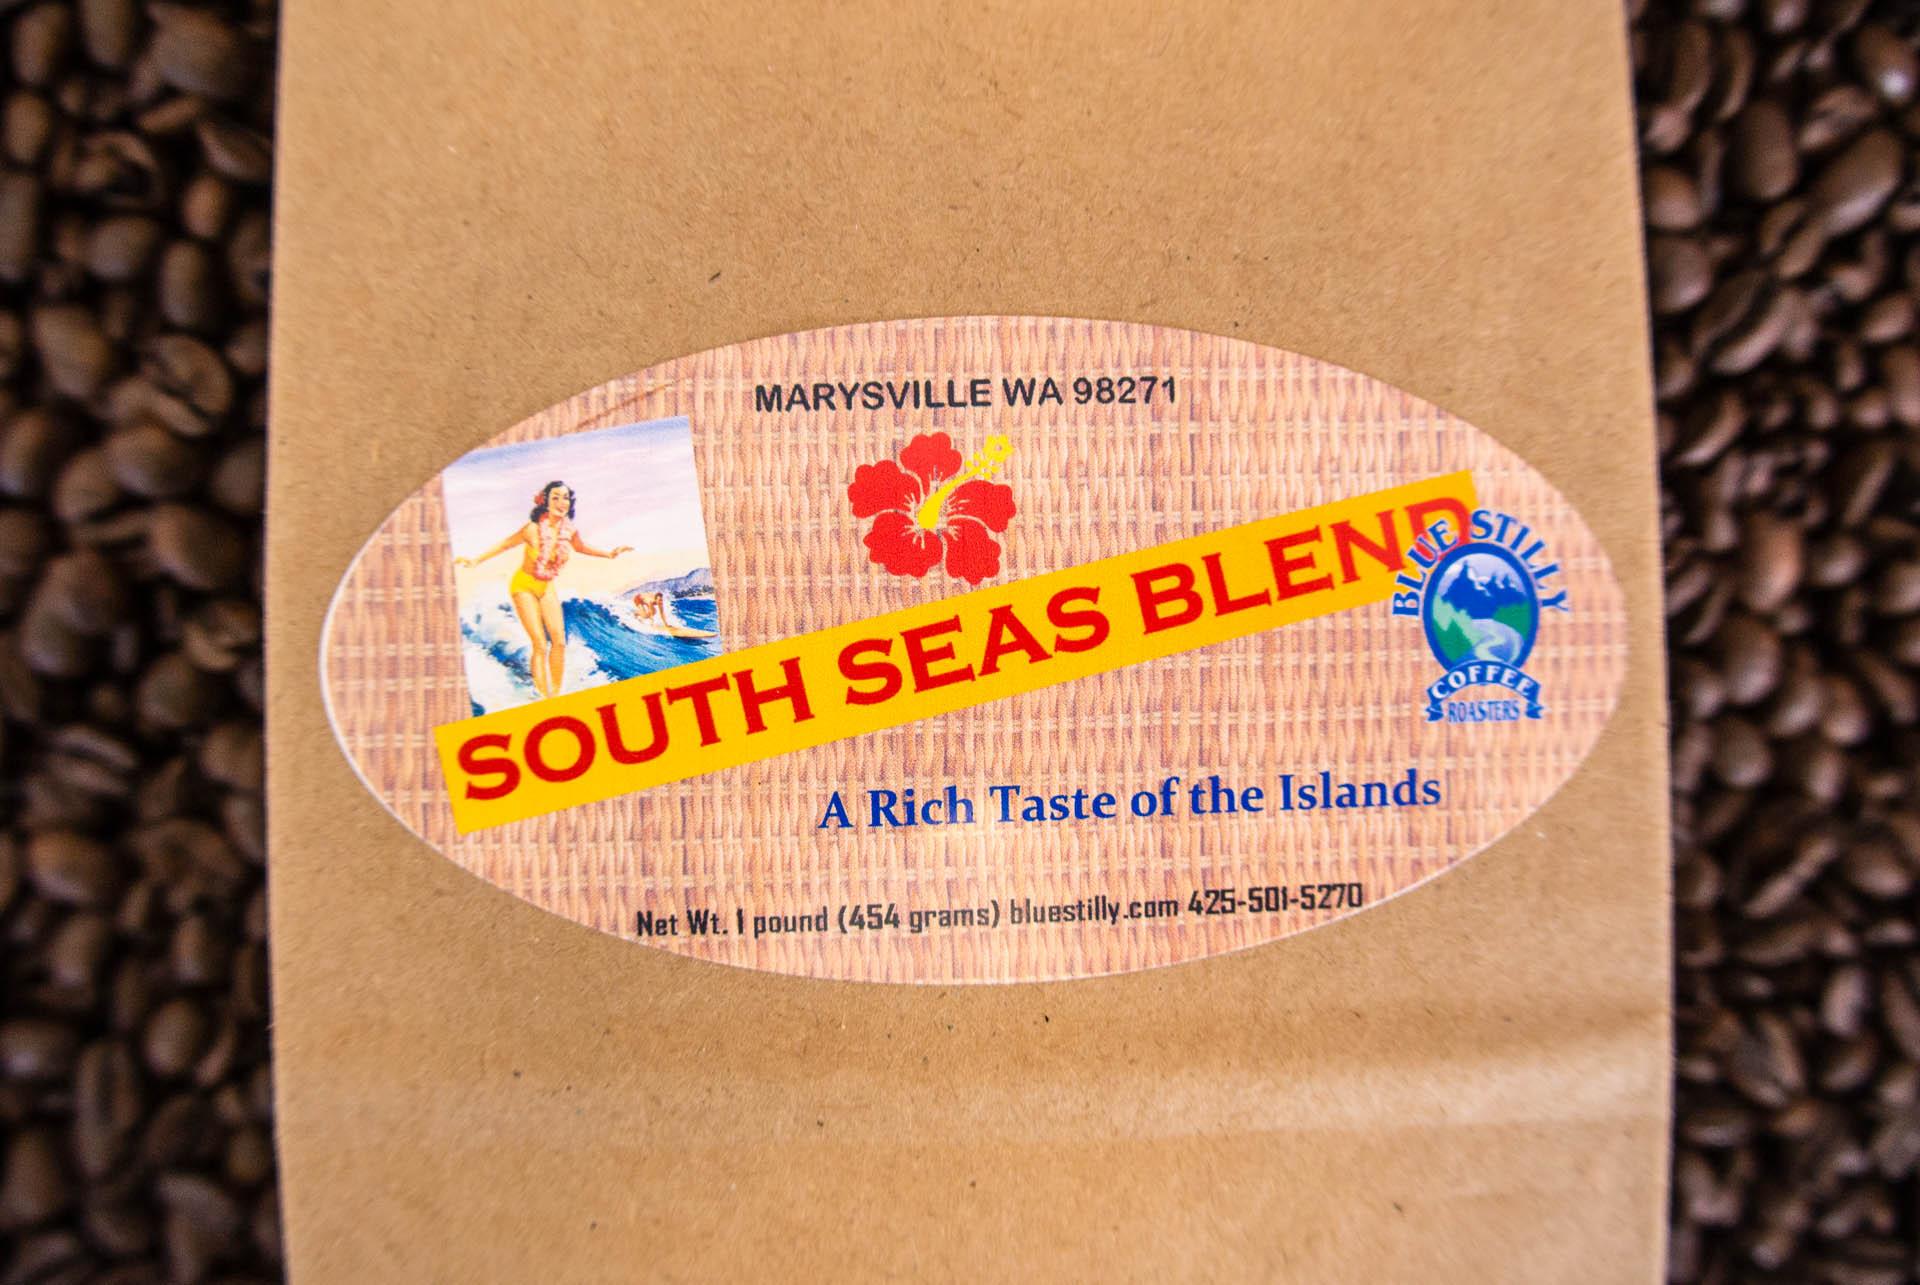 South Seas Blend